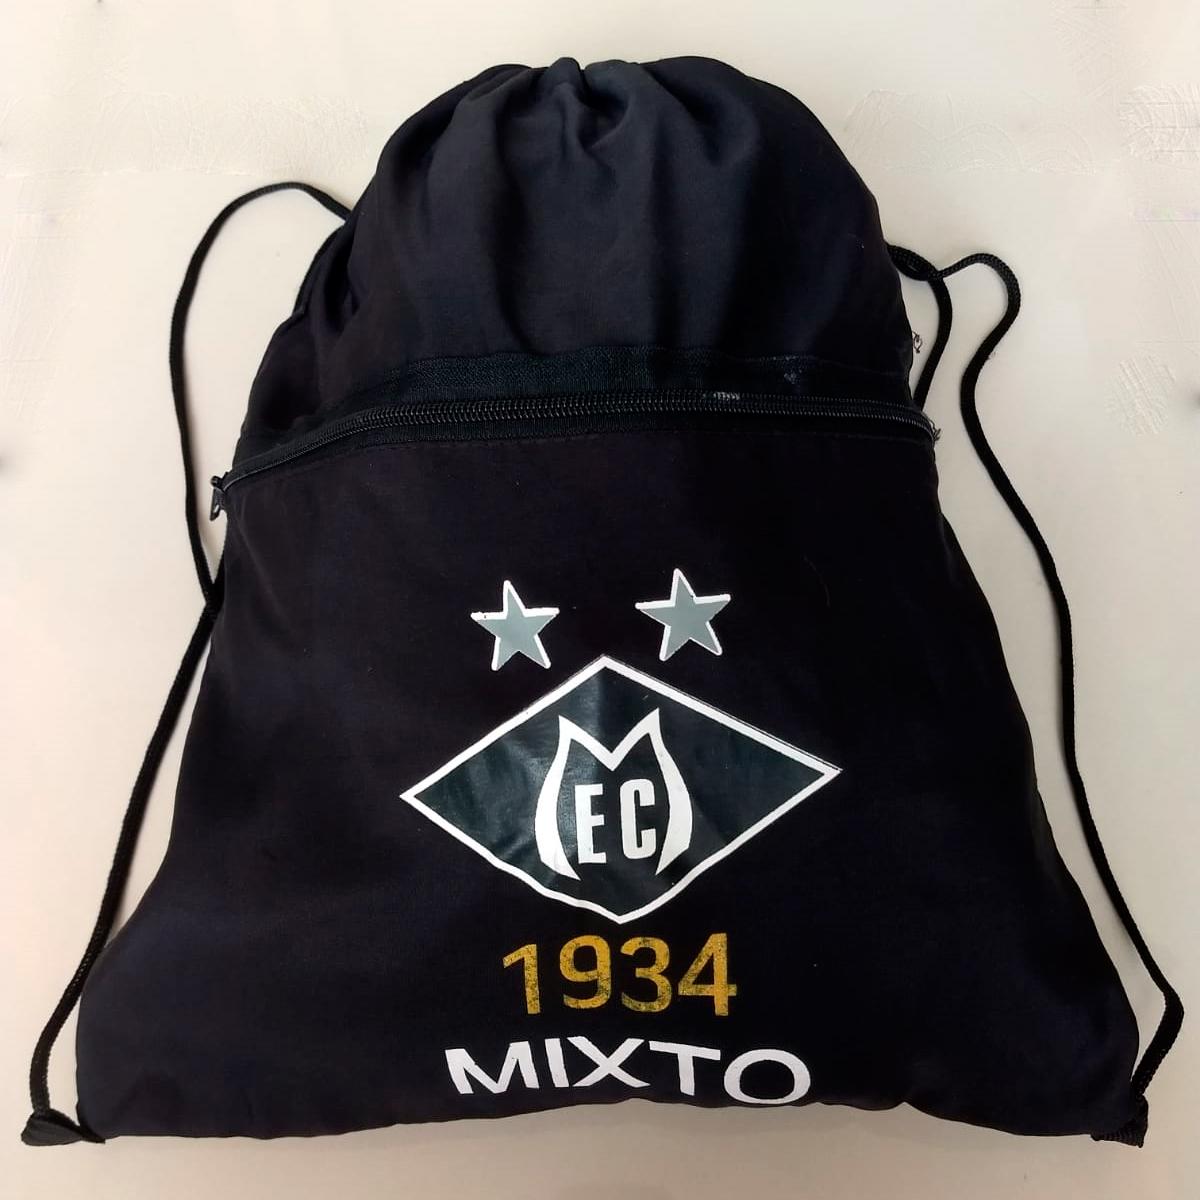 Sacochila do Mixto Esporte Clube, em tecido sintético cor preta